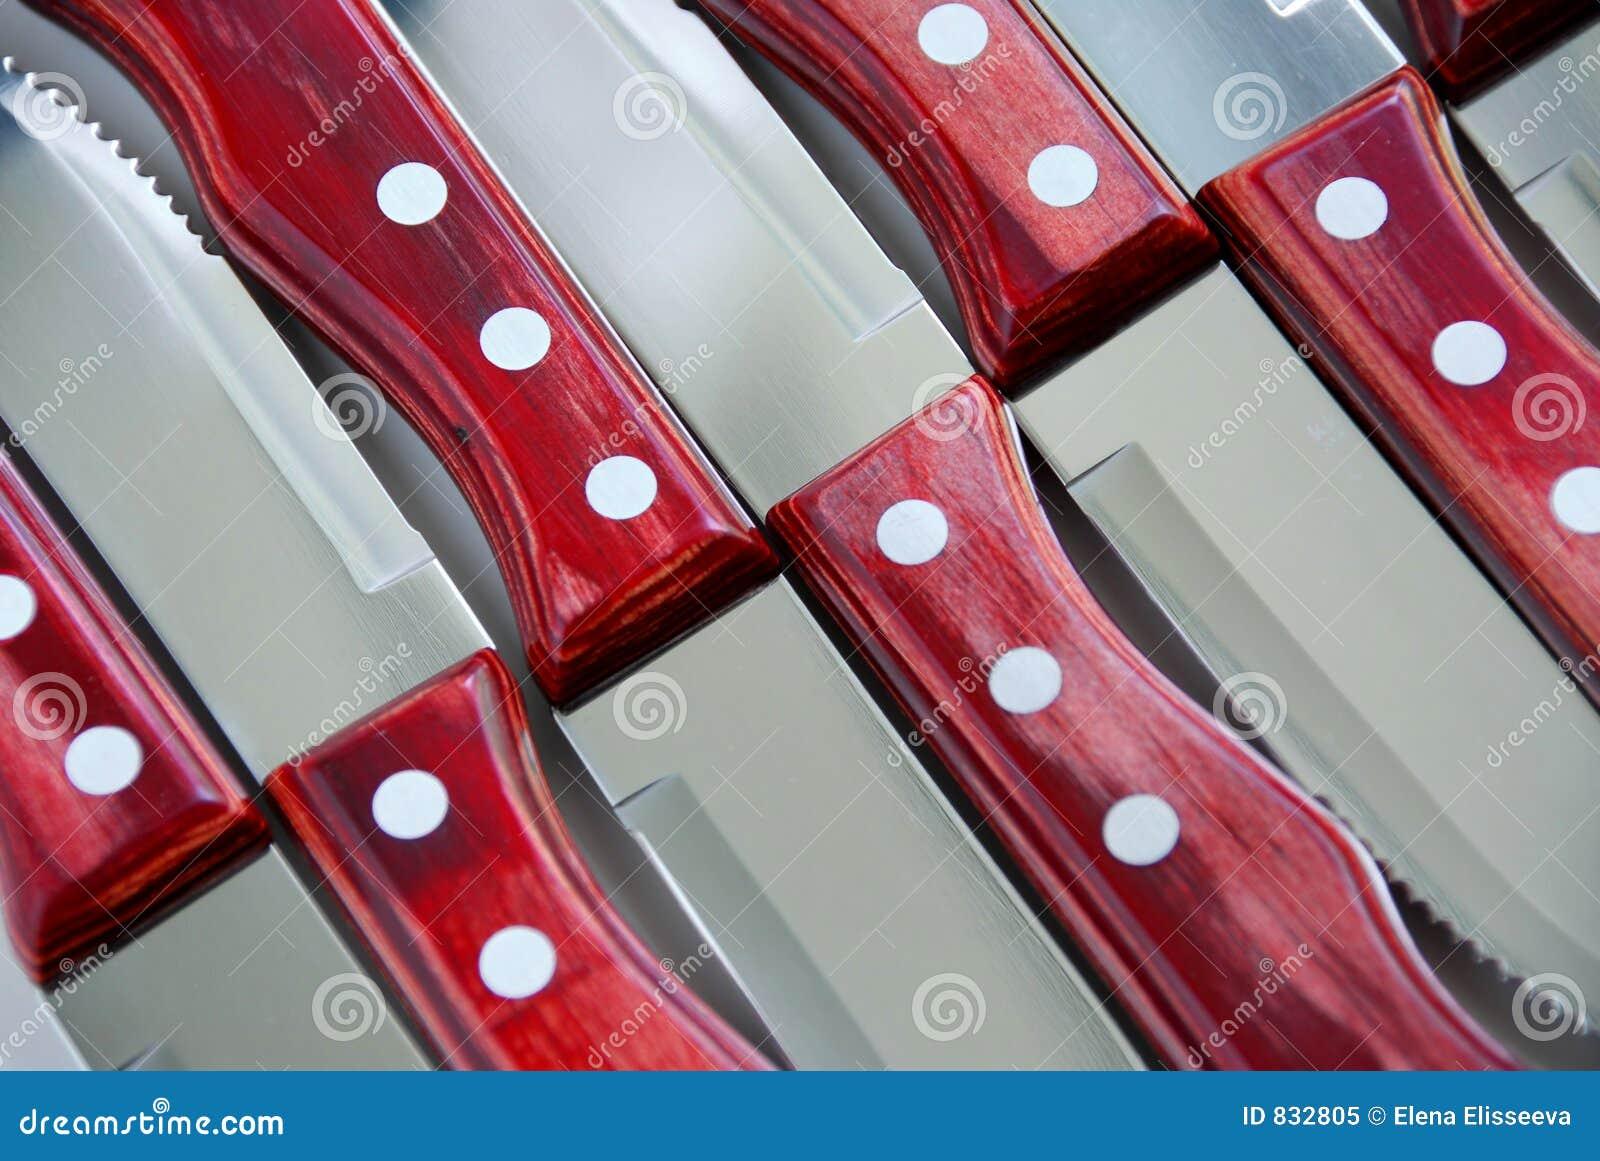 Configuration de couteaux de bifteck